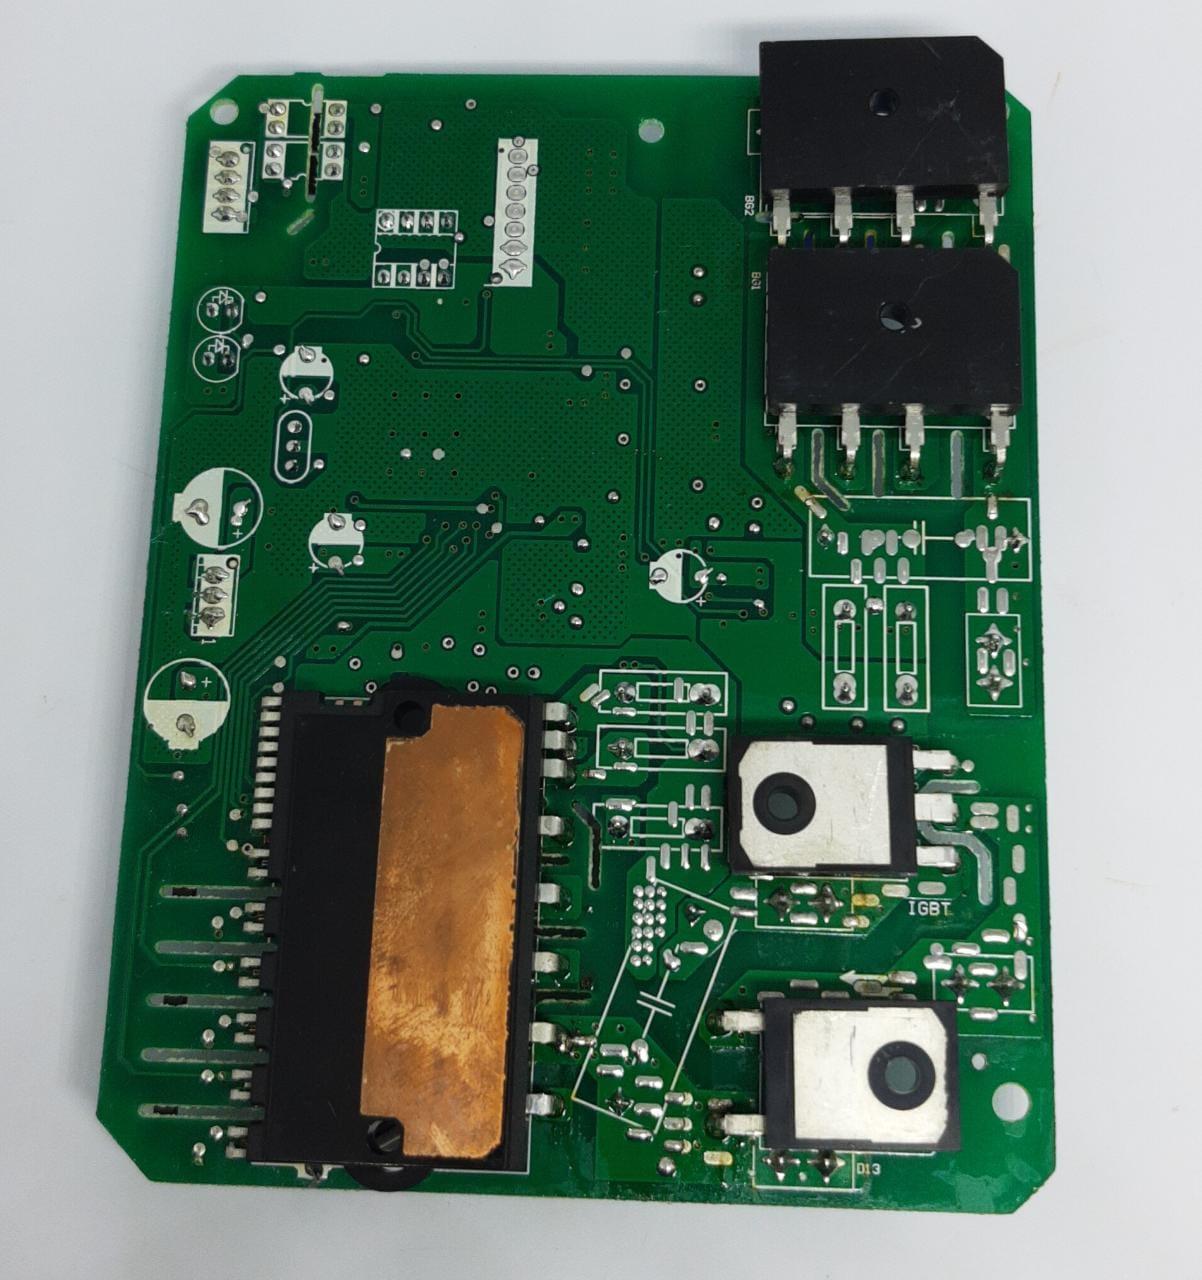 Placa Condensadora 24.000 Btus Inverter fria HVFE24B2IA - HVQE24B2IA Elgin